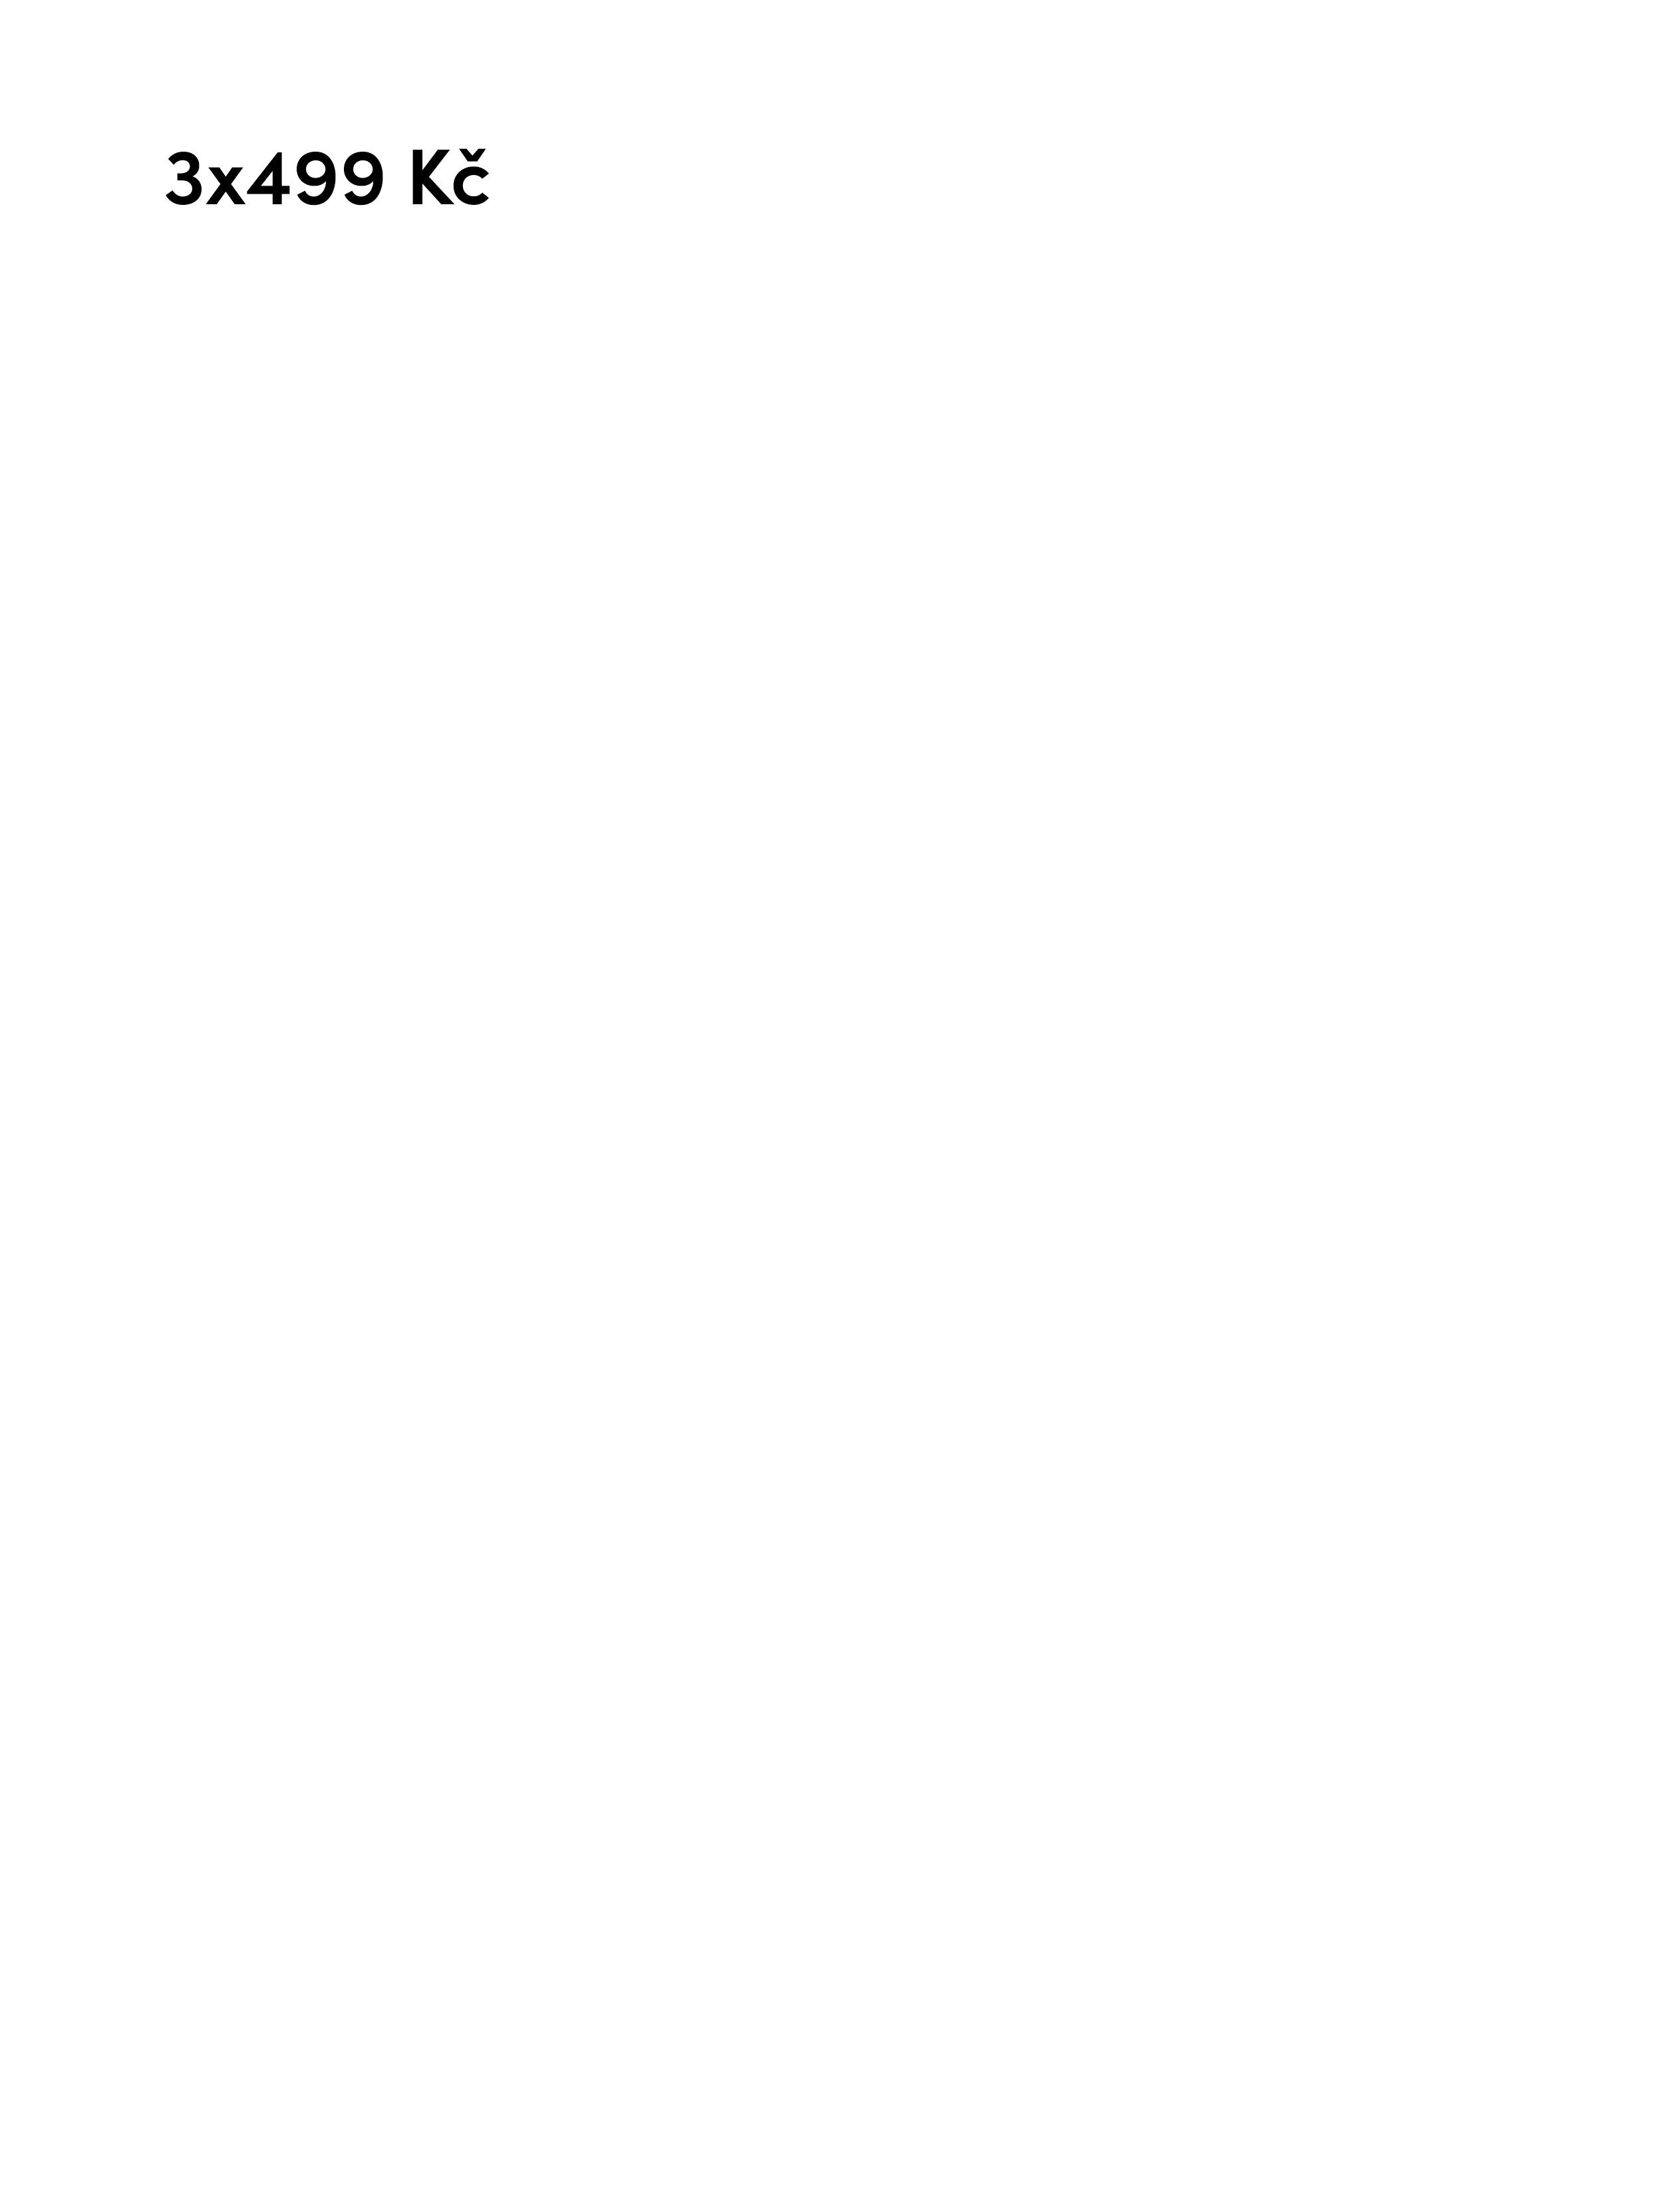 CZ_3x499